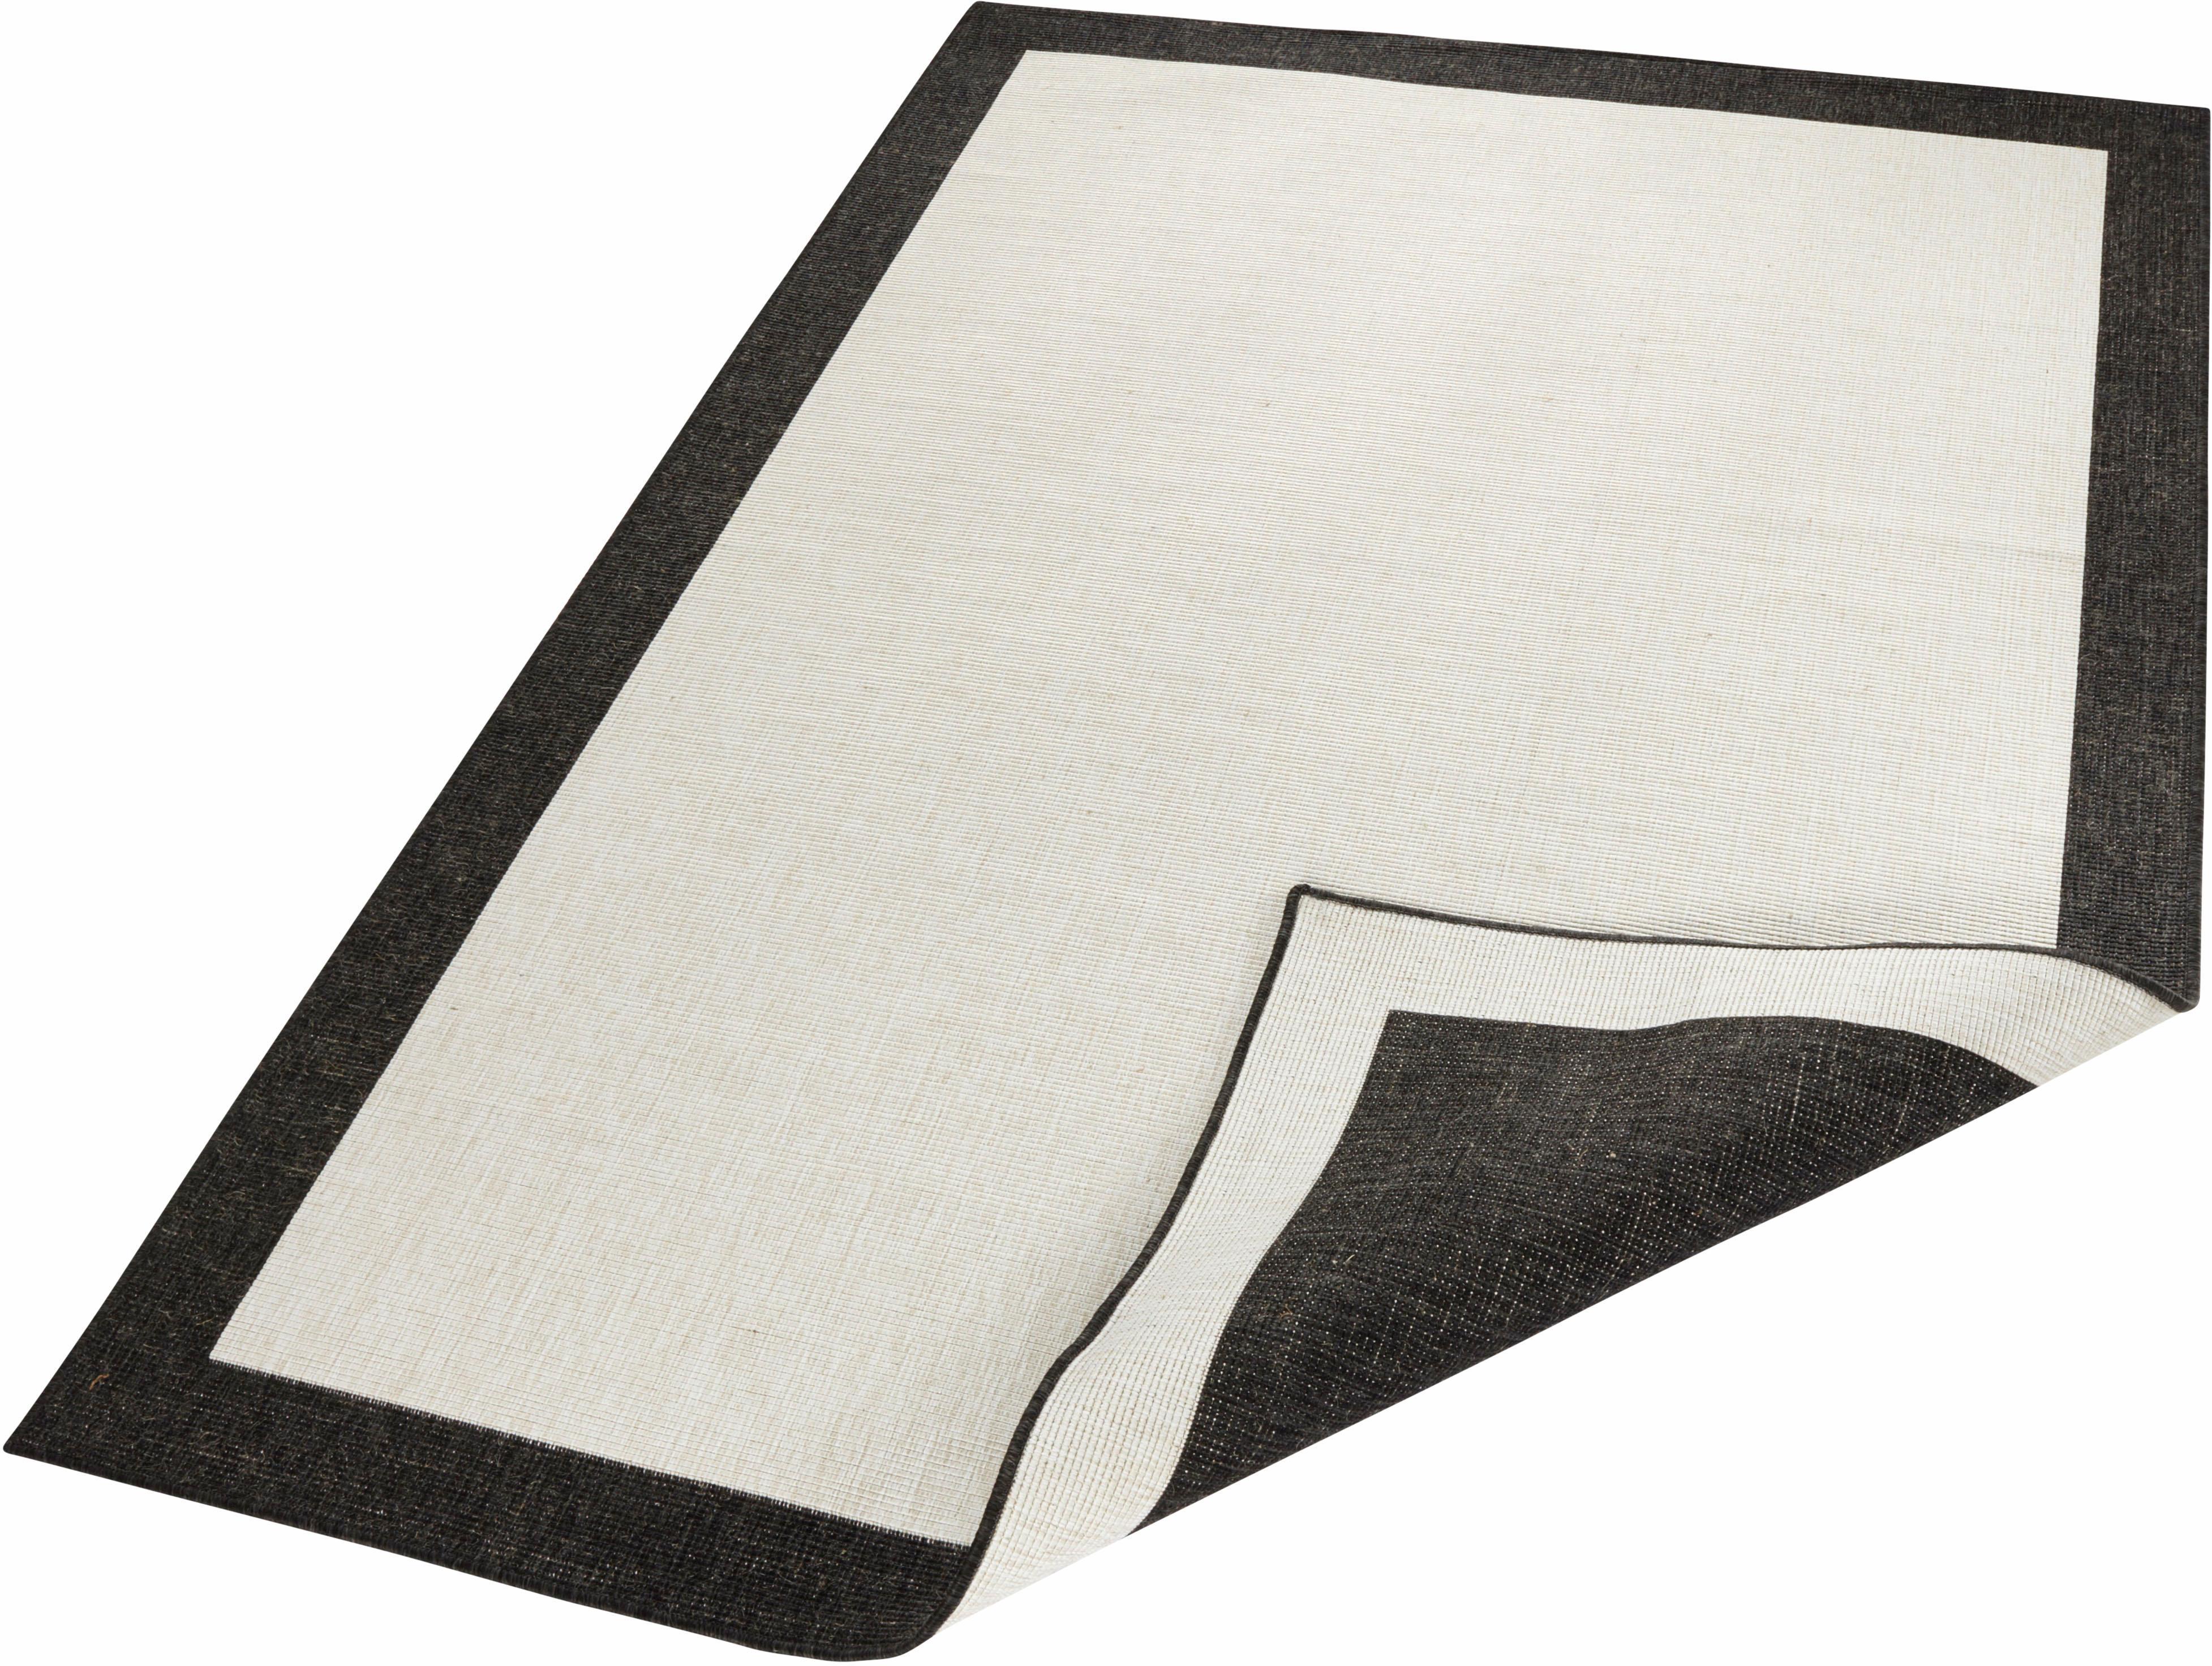 Teppich Panama bougari rechteckig Höhe 5 mm maschinell gewebt